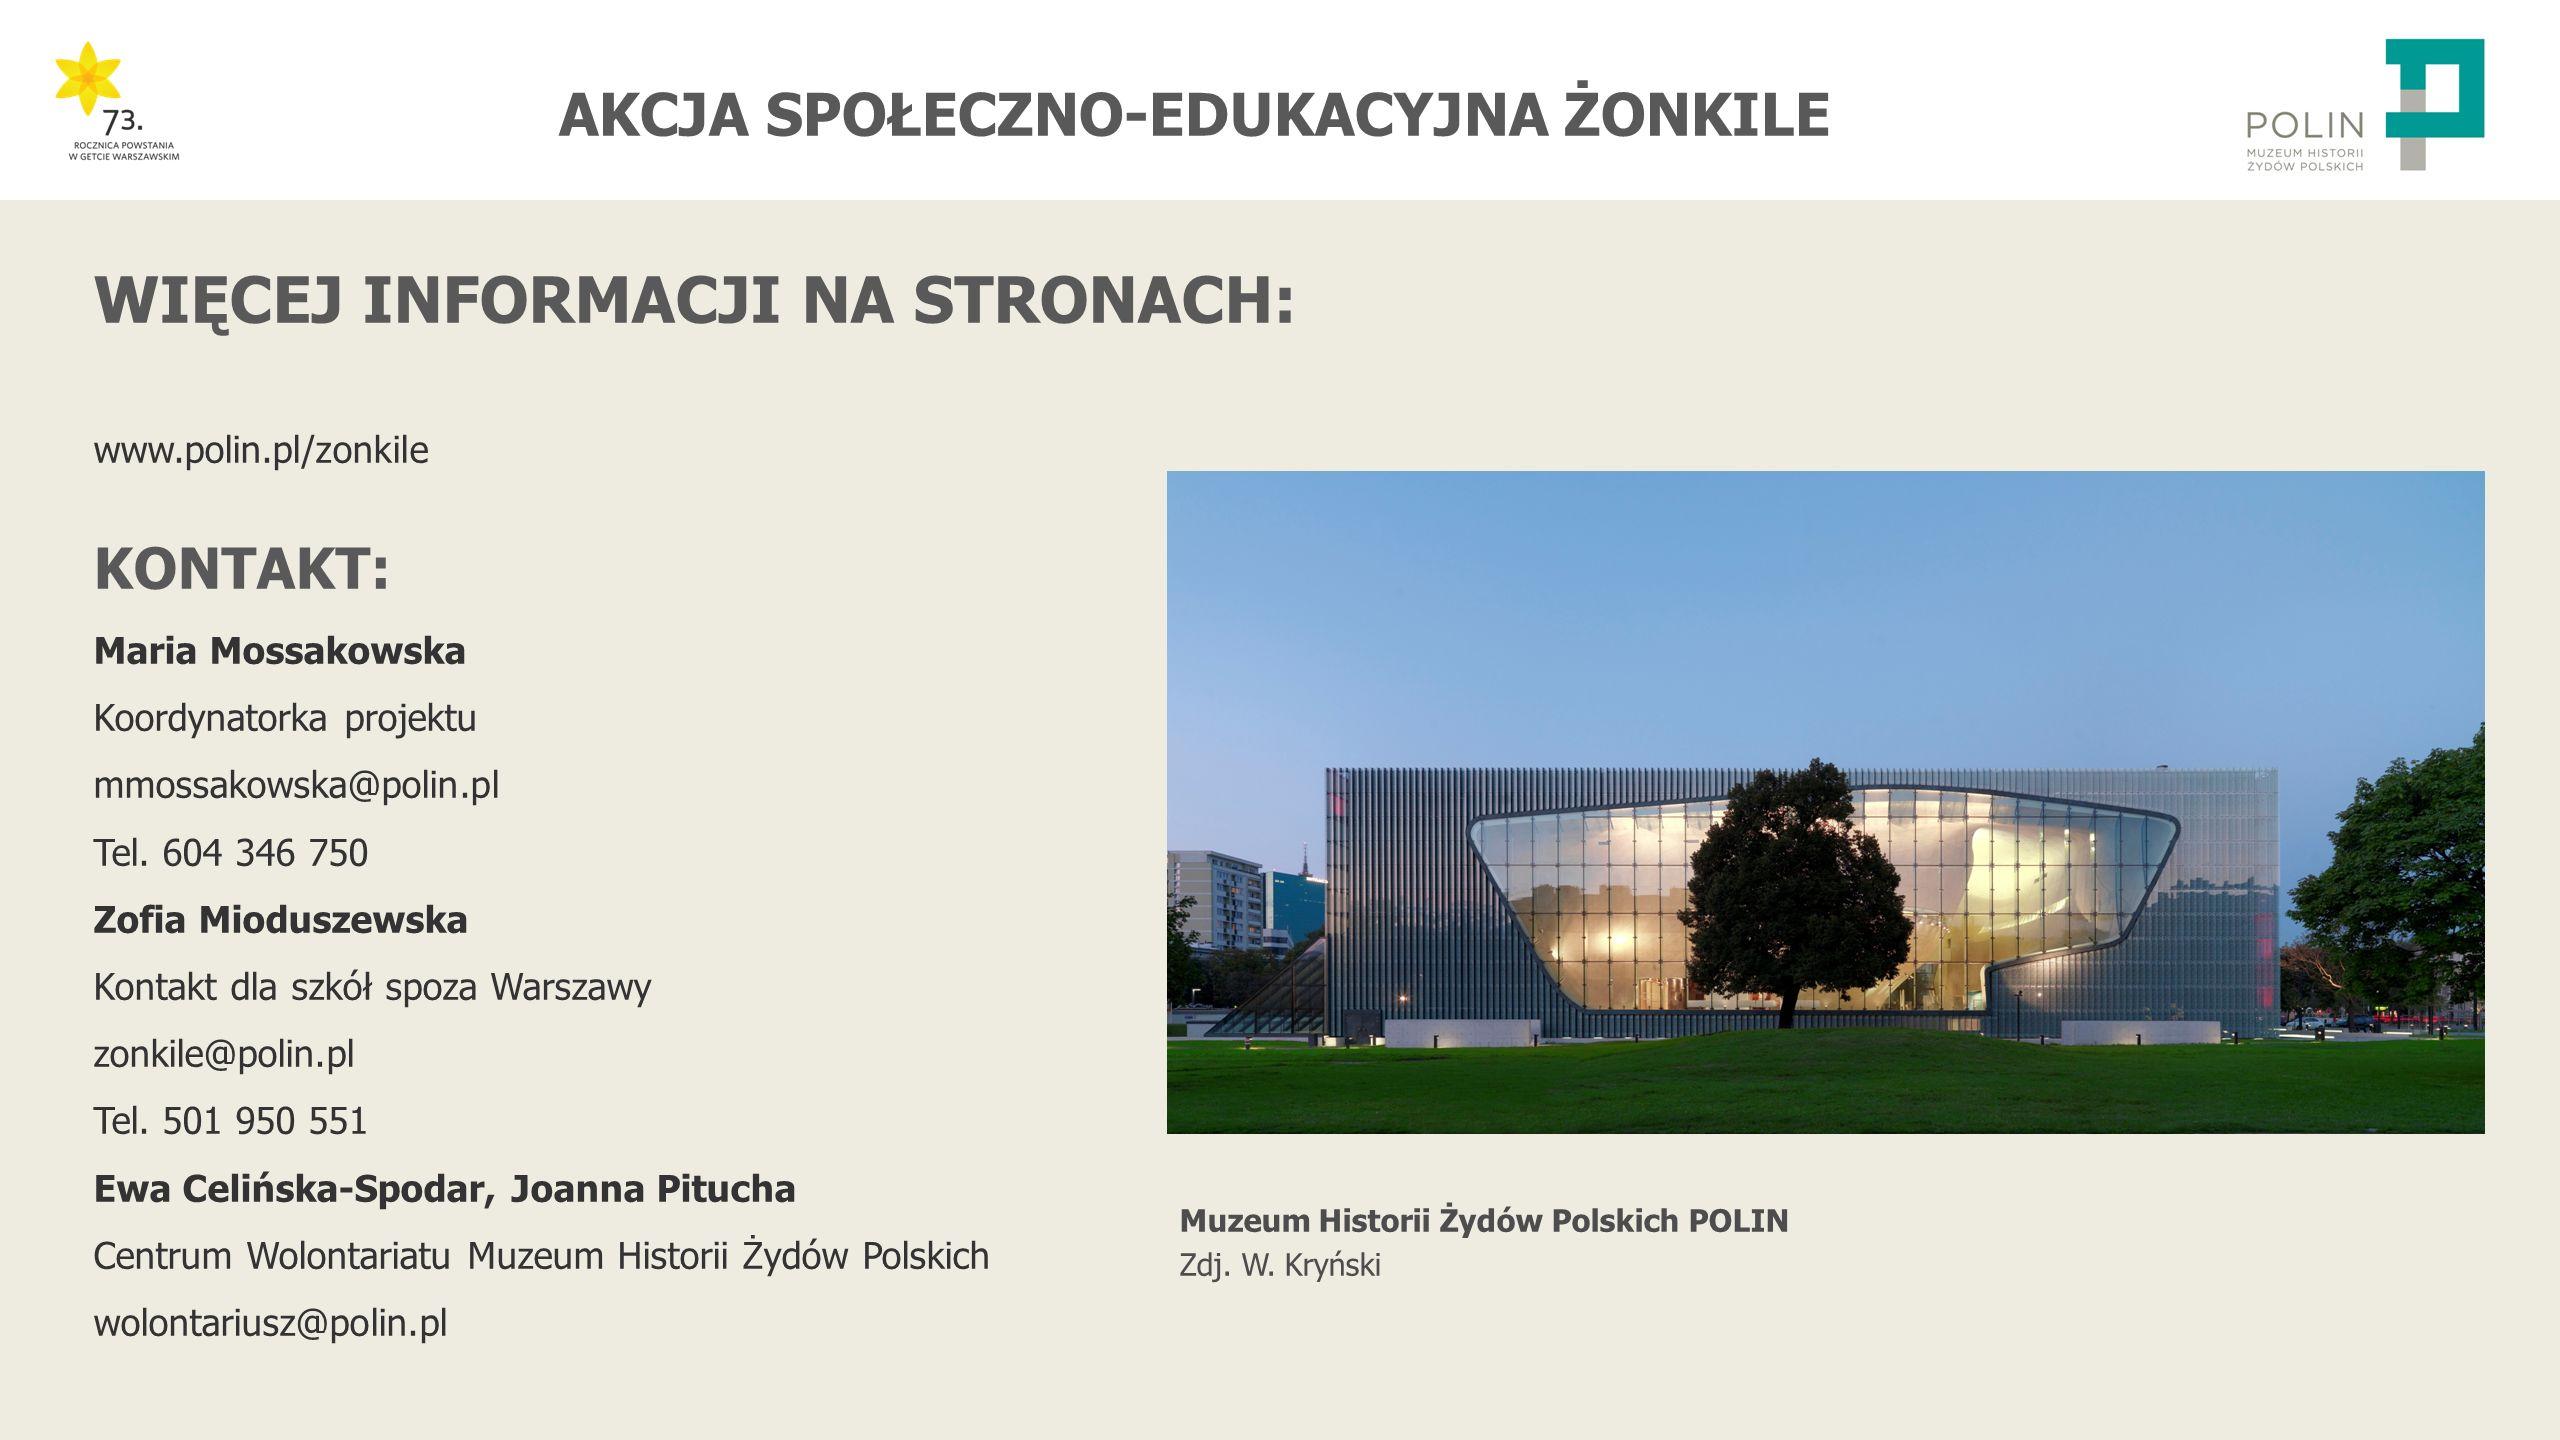 AKCJA SPOŁECZNO-EDUKACYJNA ŻONKILE www.polin.pl/zonkile KONTAKT: Maria Mossakowska Koordynatorka projektu mmossakowska@polin.pl Tel.